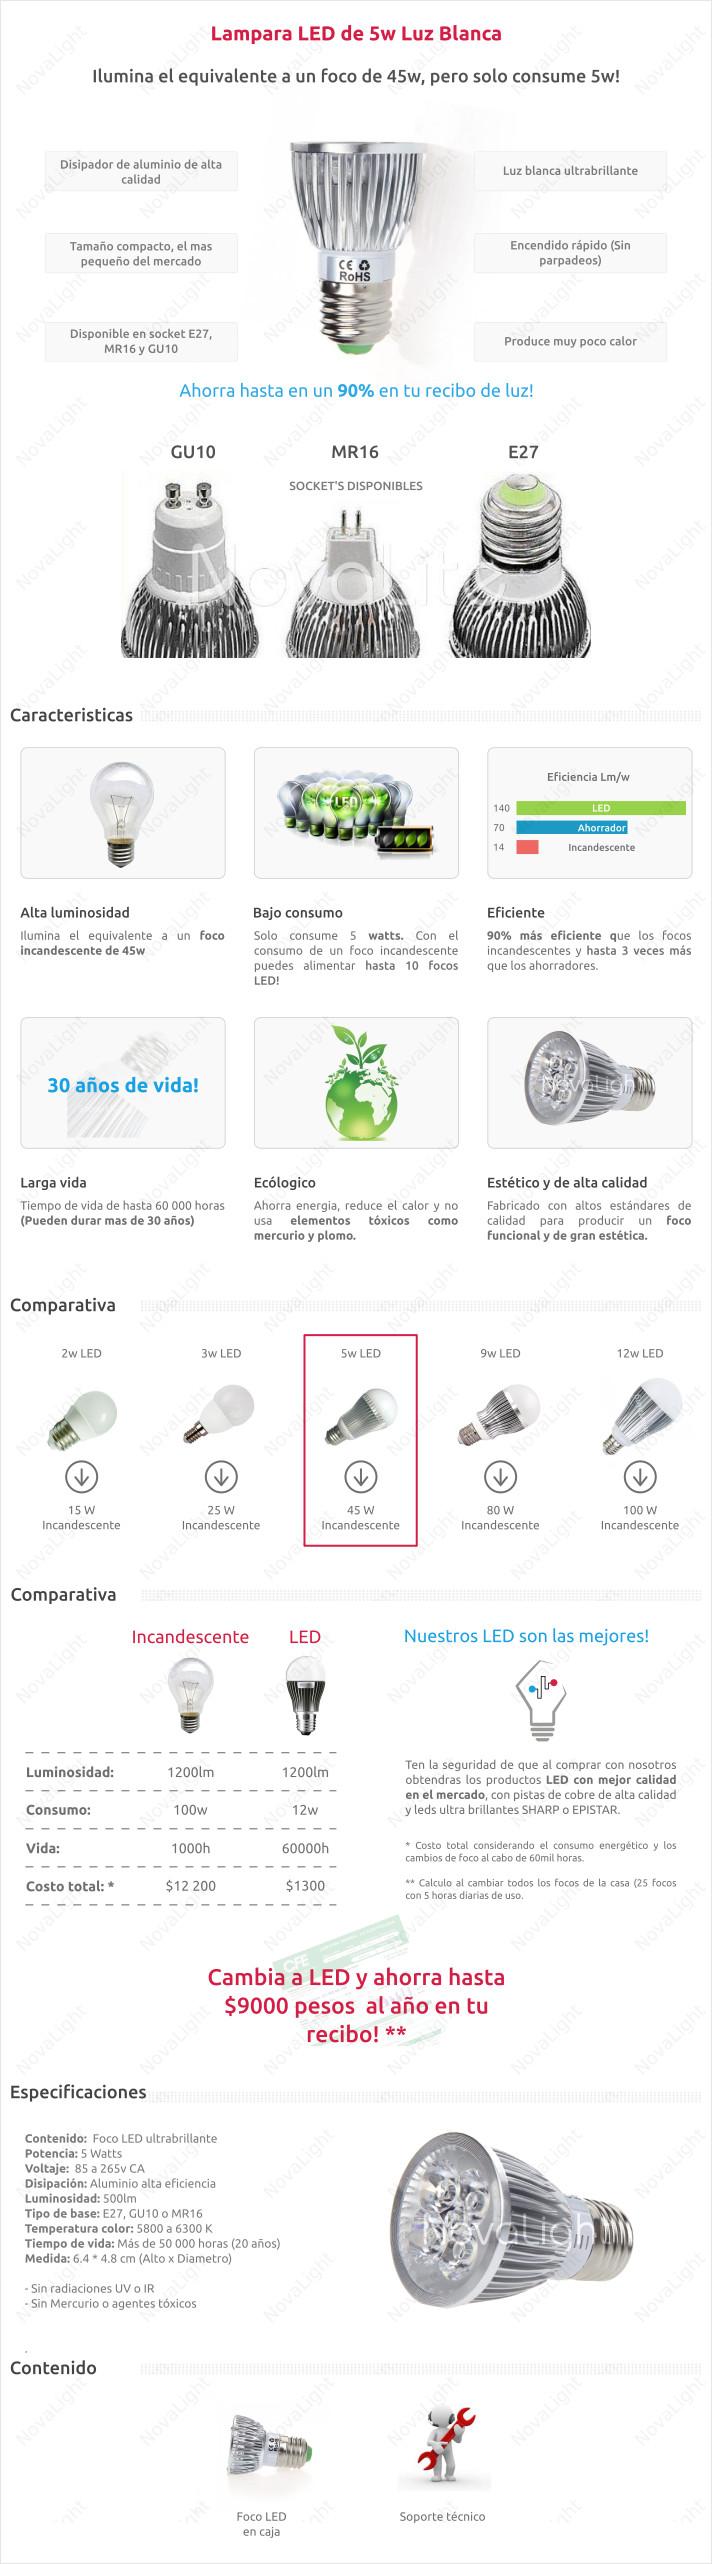 Descripción de lampara LED tipo Spot 5w